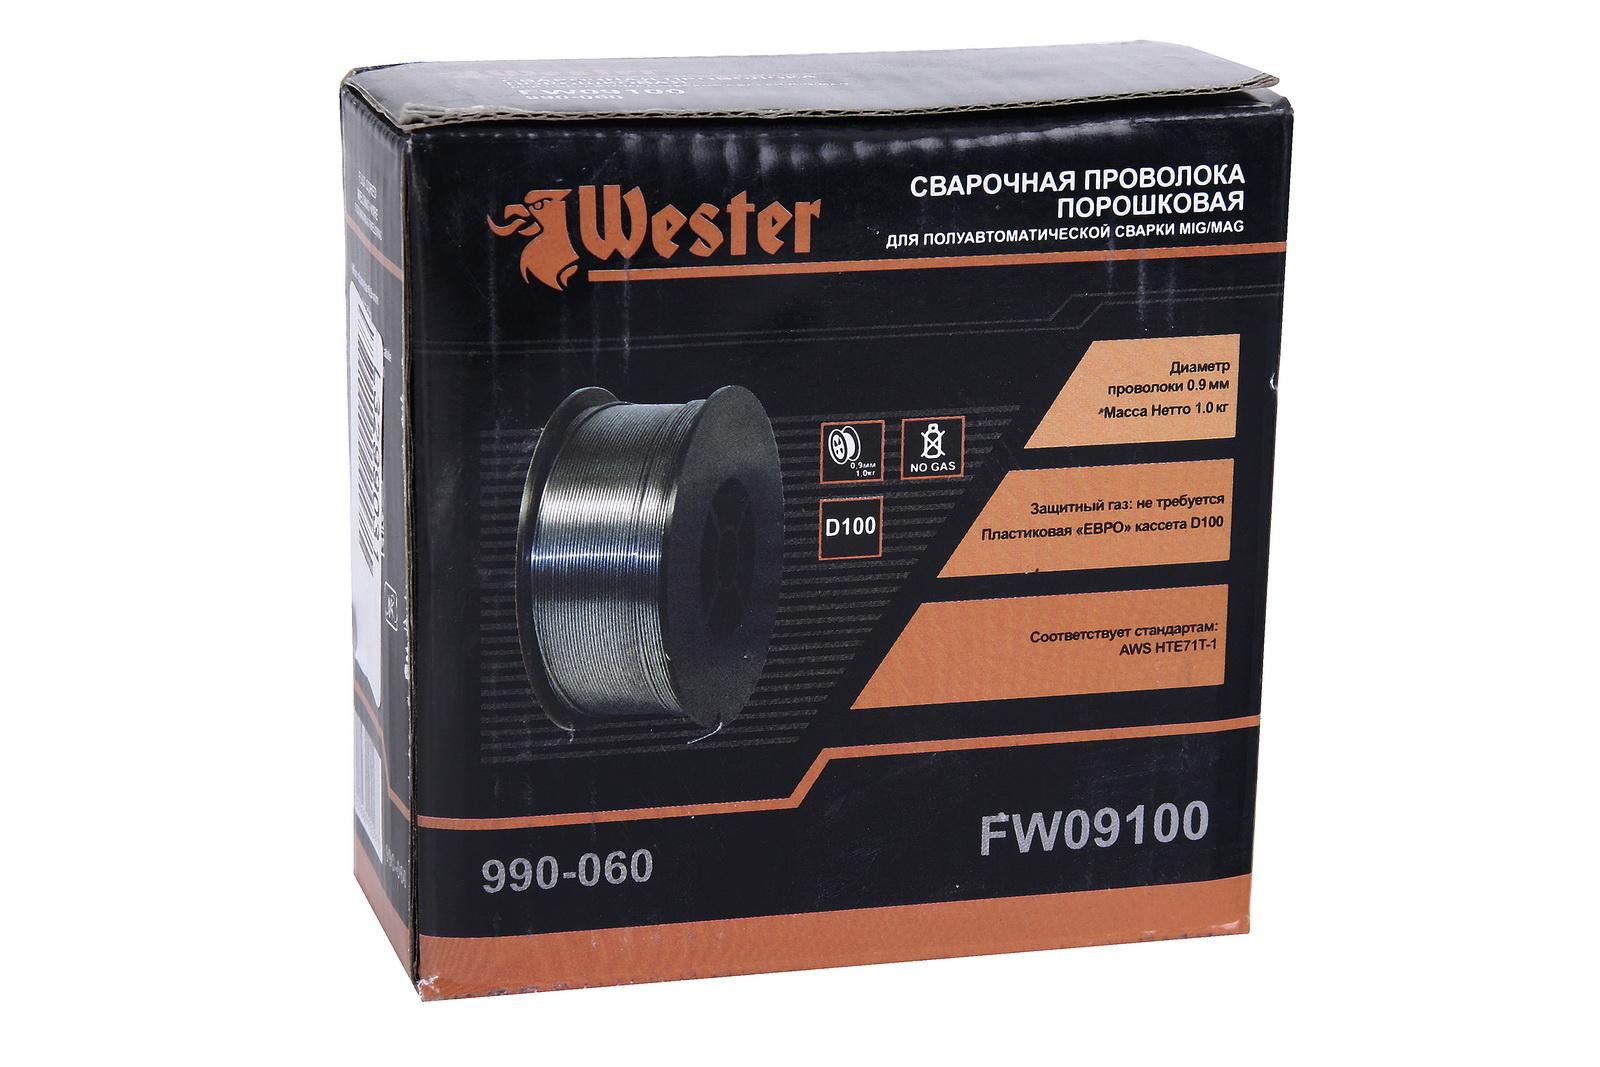 Проволока сварочная Wester Fw09100 от 220 Вольт